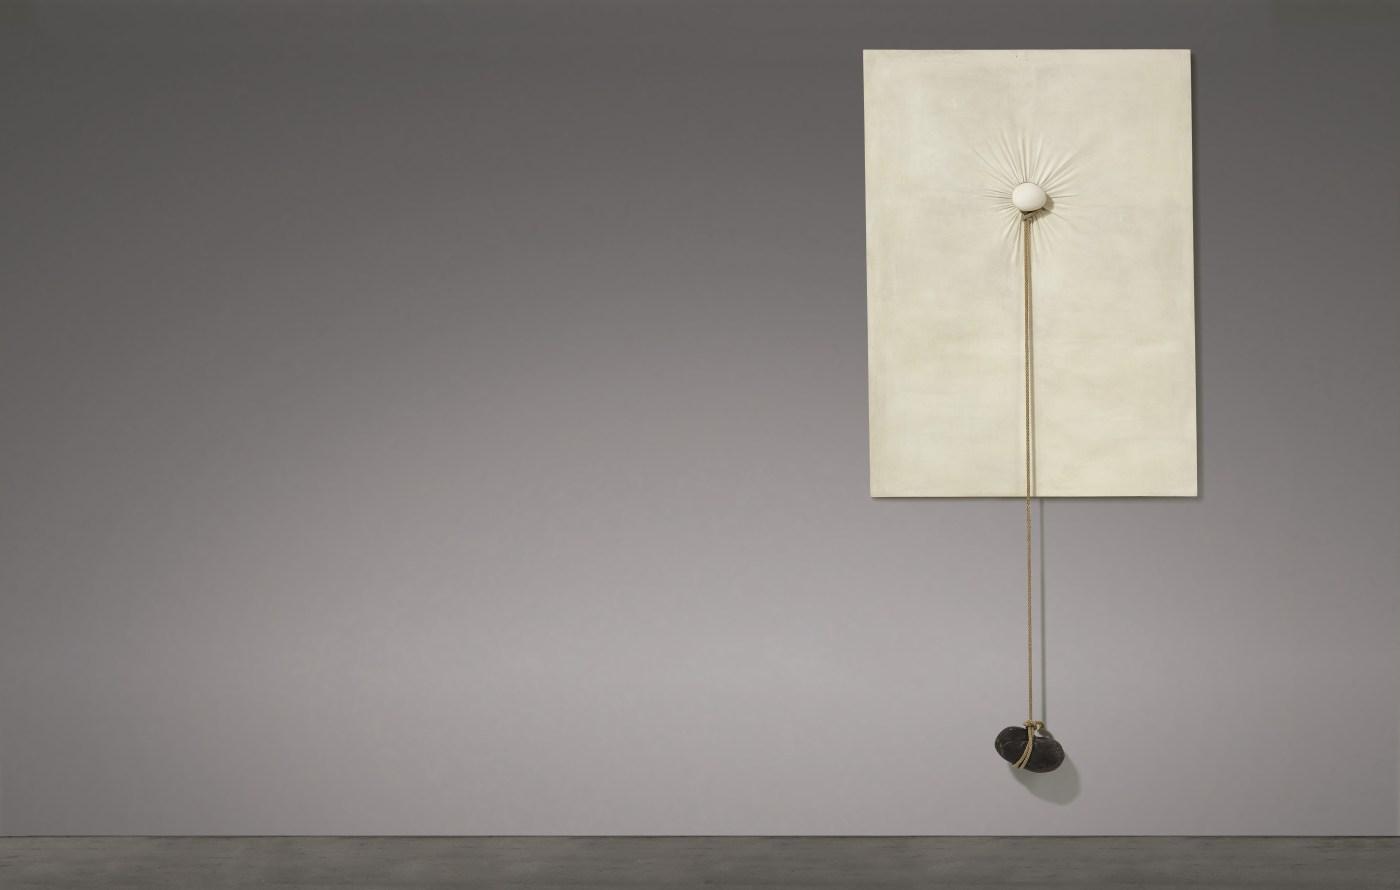 Nobuo Sekine - Phase of Nothingness 2 Courtesy of Sotheby's